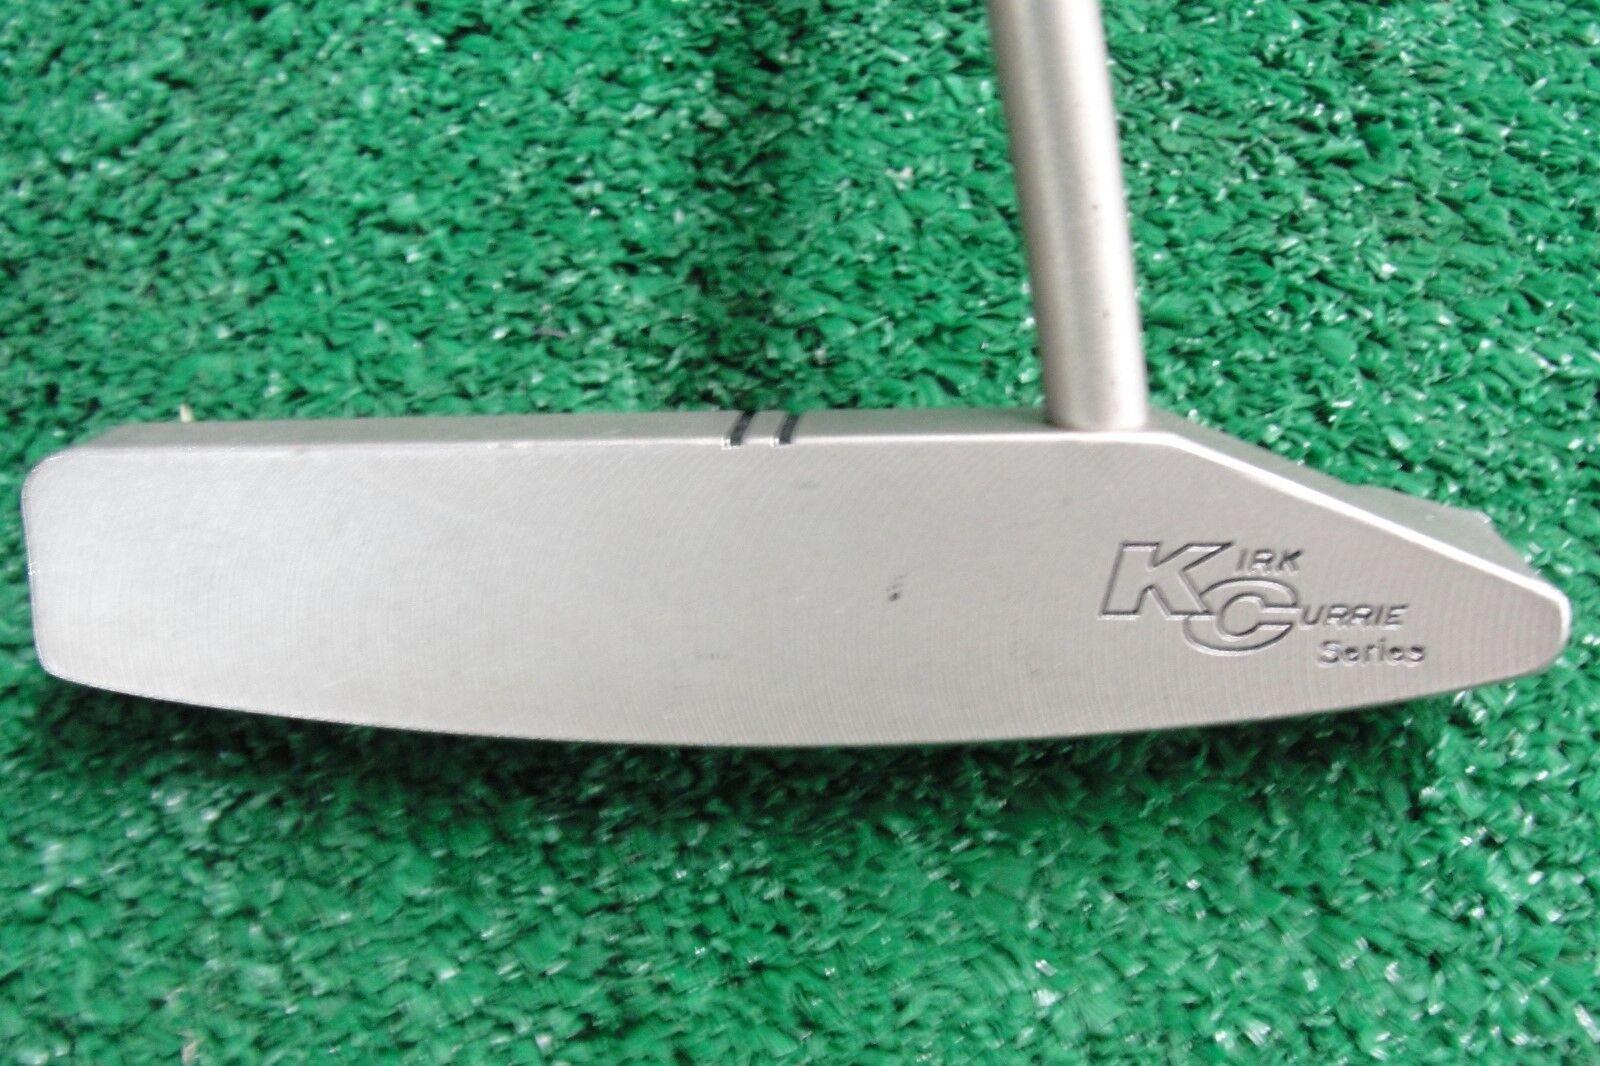 Bridgestone Precept putter Kirk Currie series MRH 35 Inches